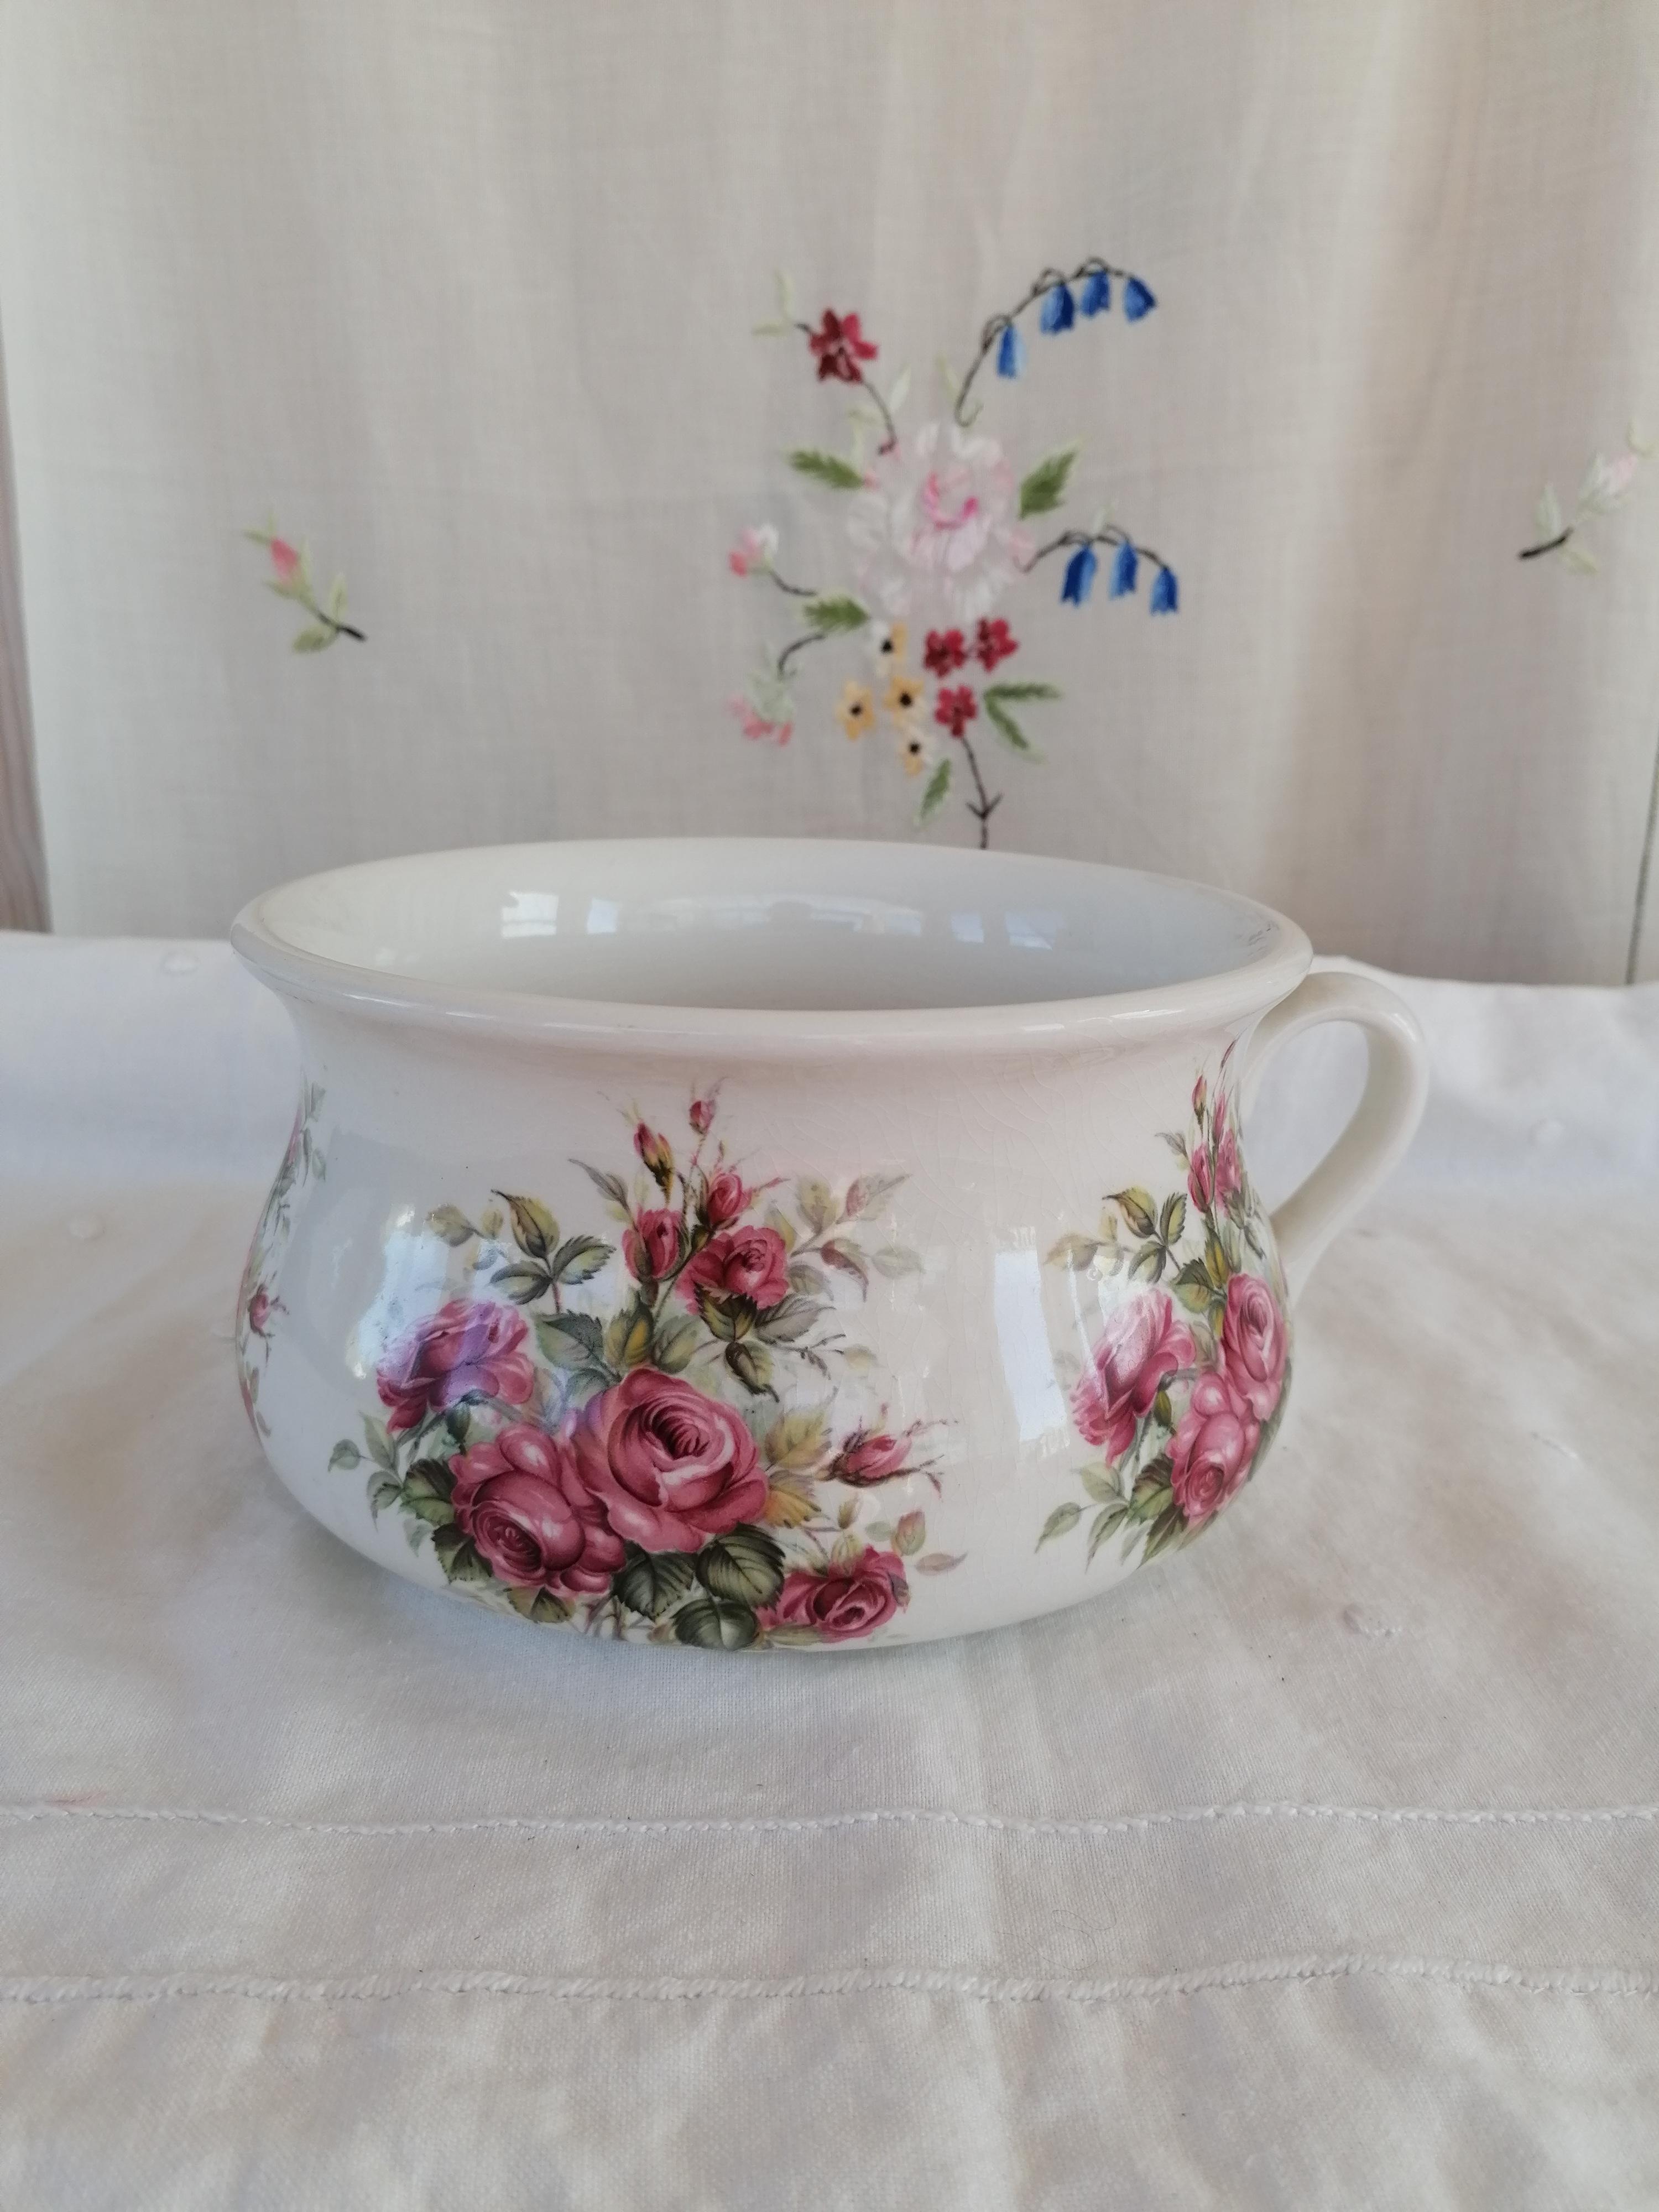 Potta/ytterfoder rosor Portmeirion England